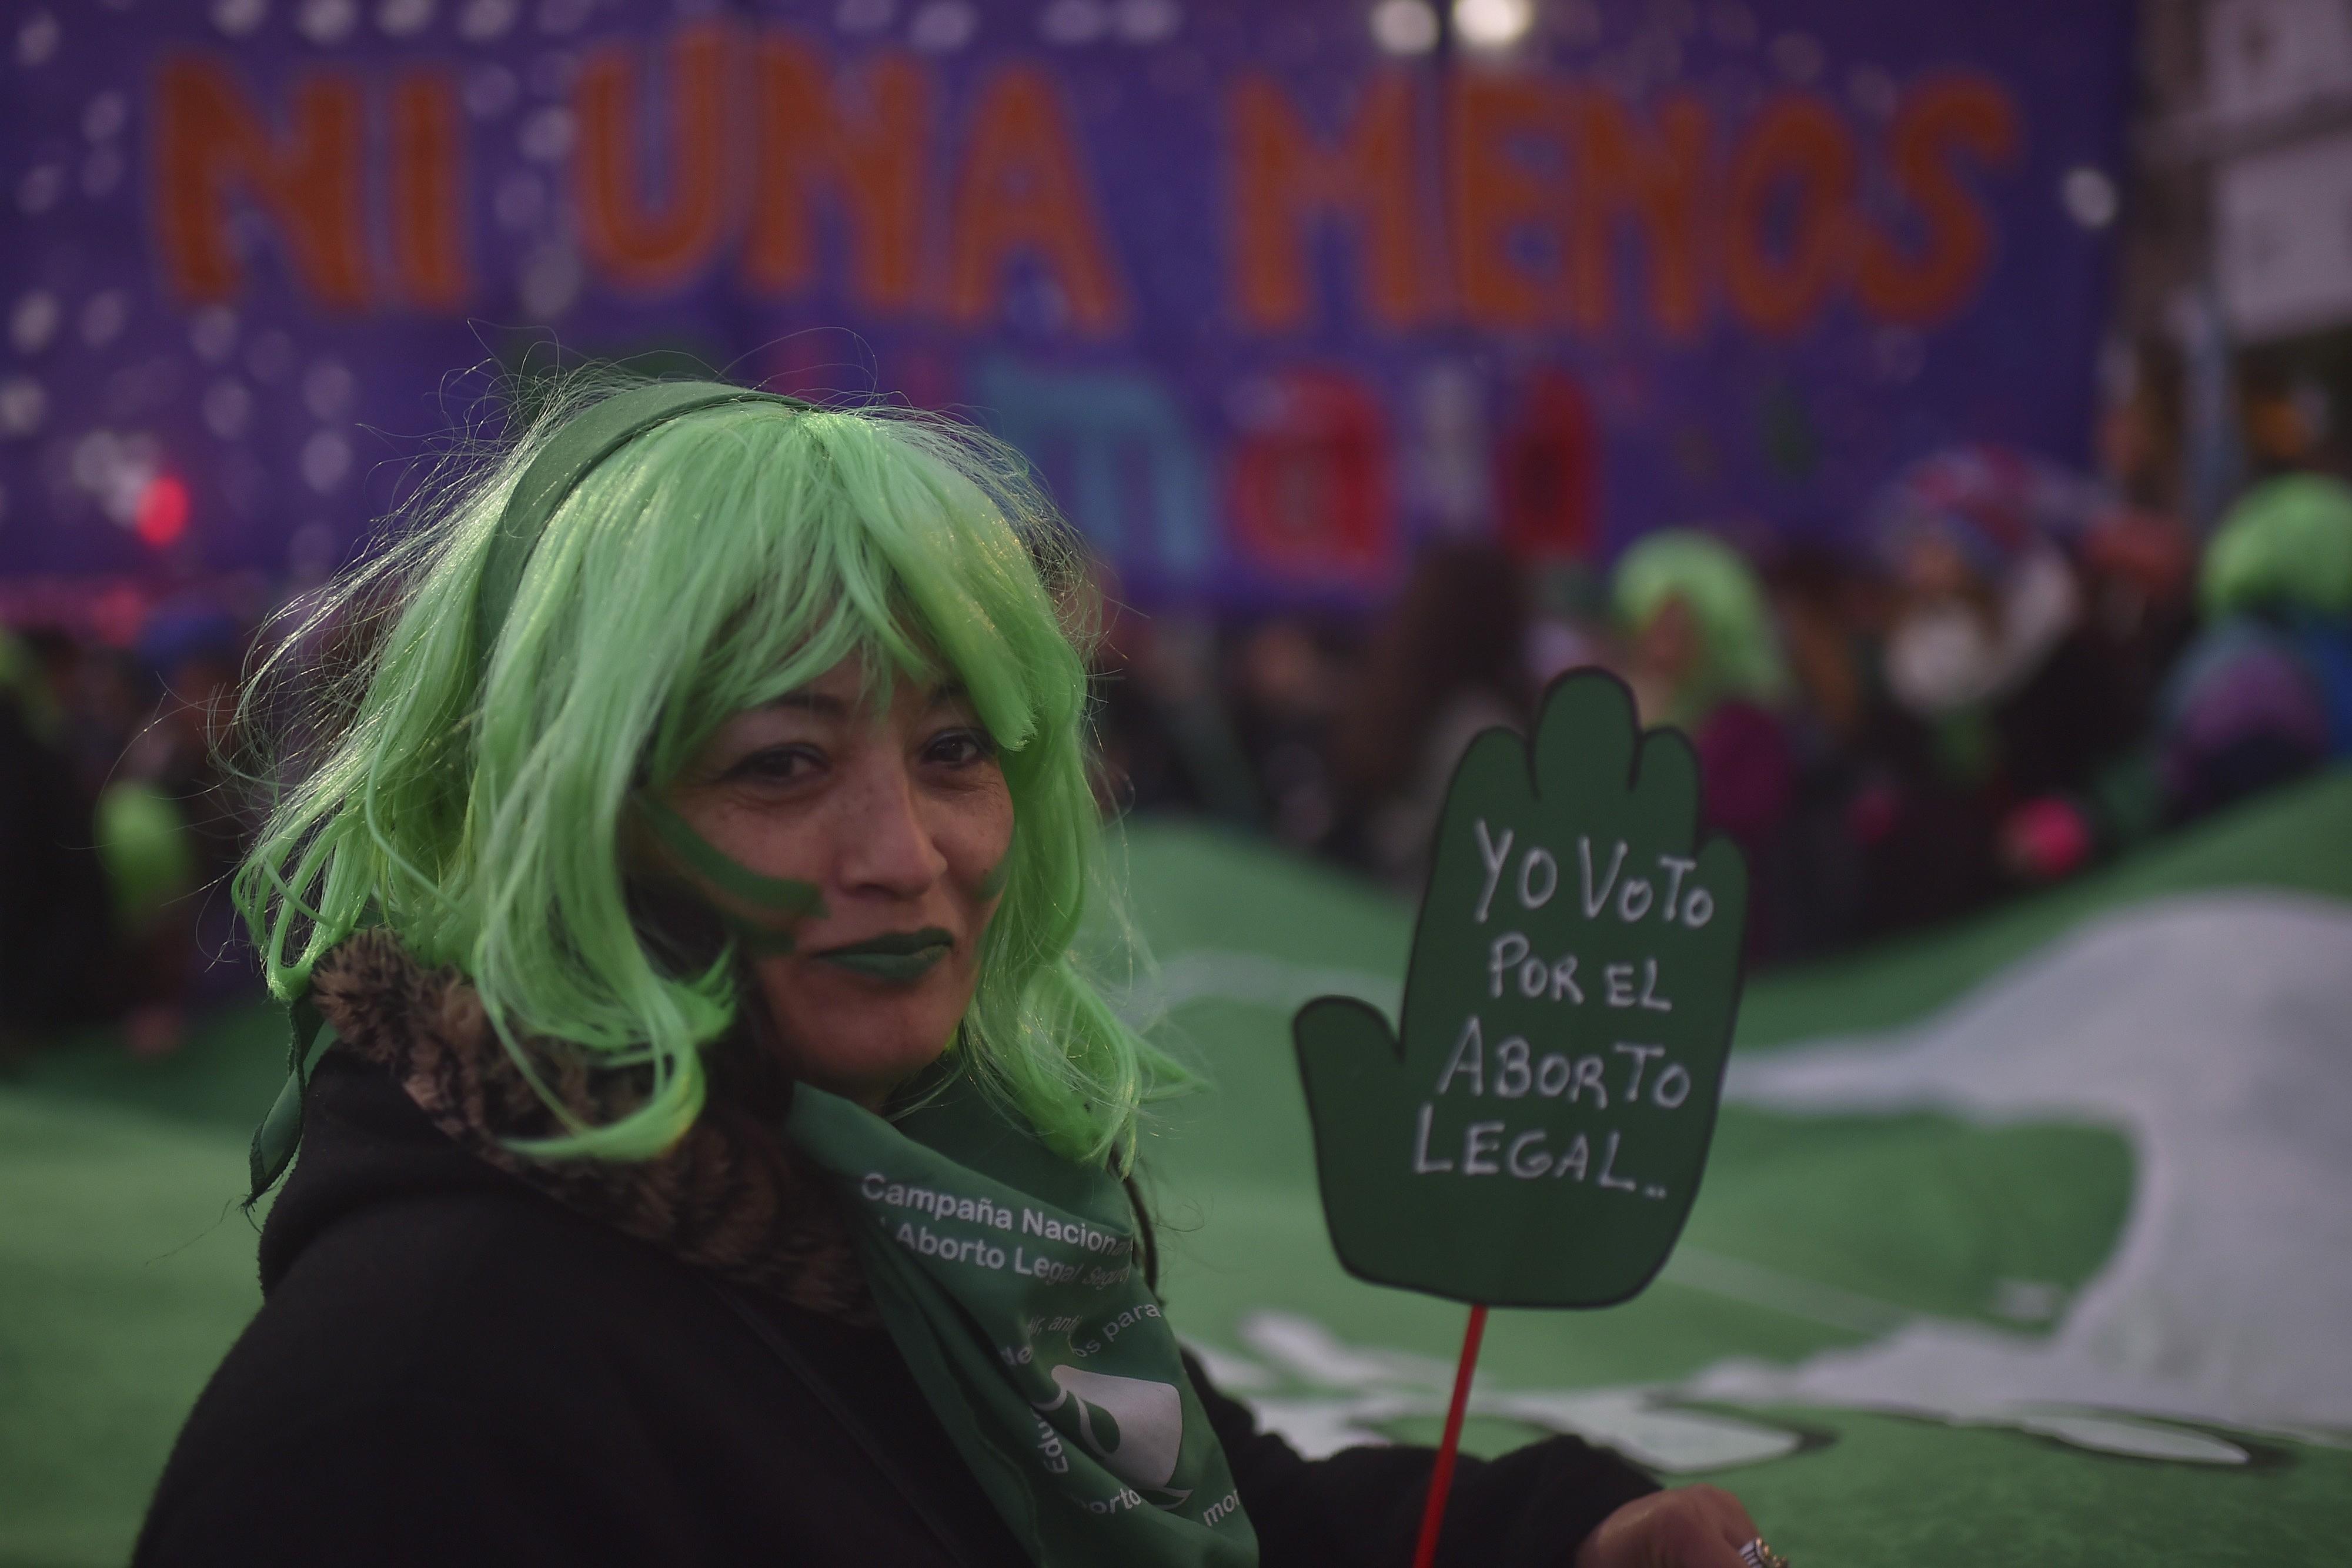 Manifestação pela legalização do aborto na Argentina (Foto: Getty Images)